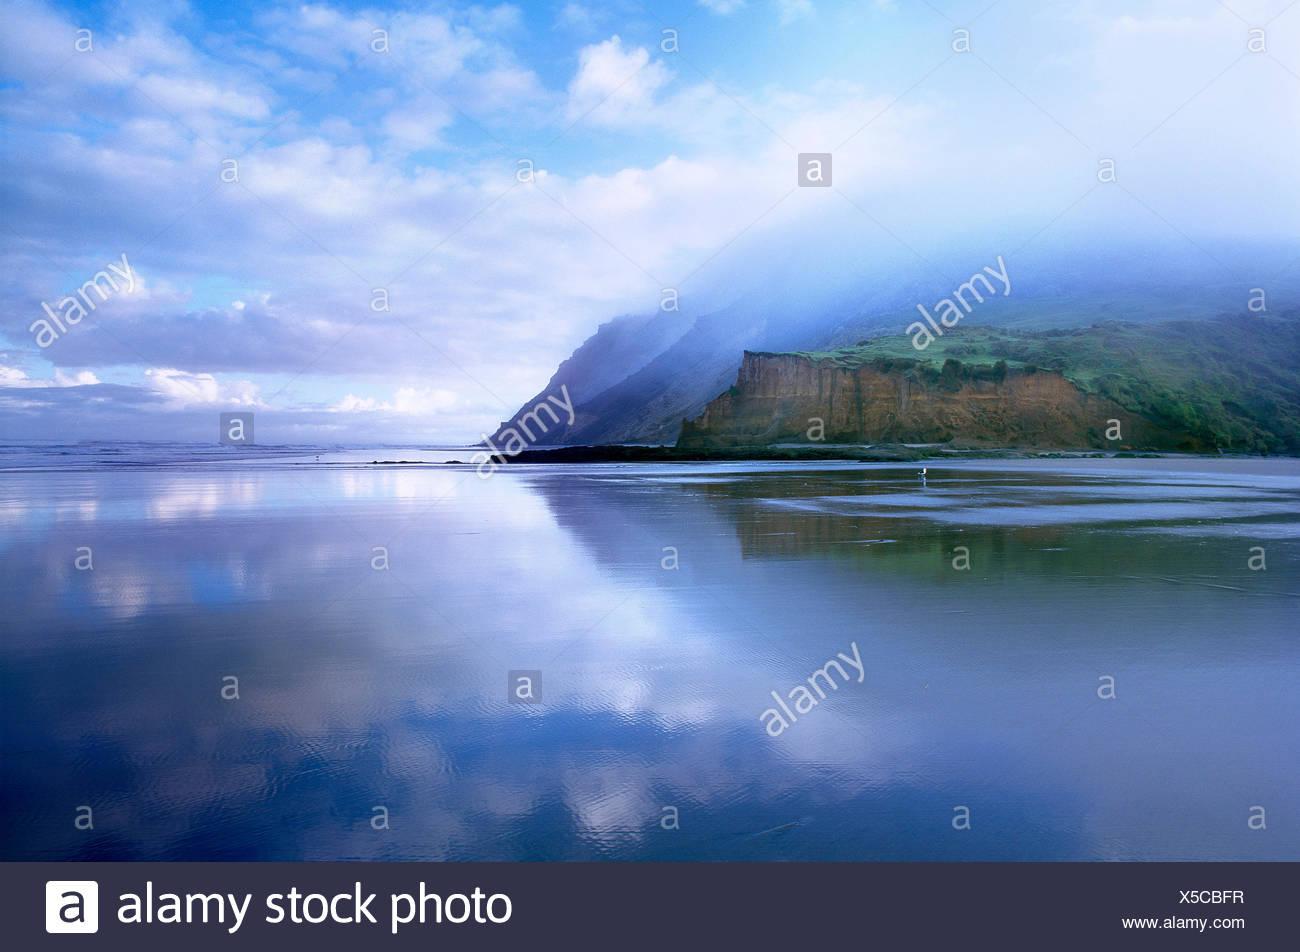 Nuova Zelanda. North Island. basso livello nuvola sulla costa ovest scogliere e spiaggia. Immagini Stock